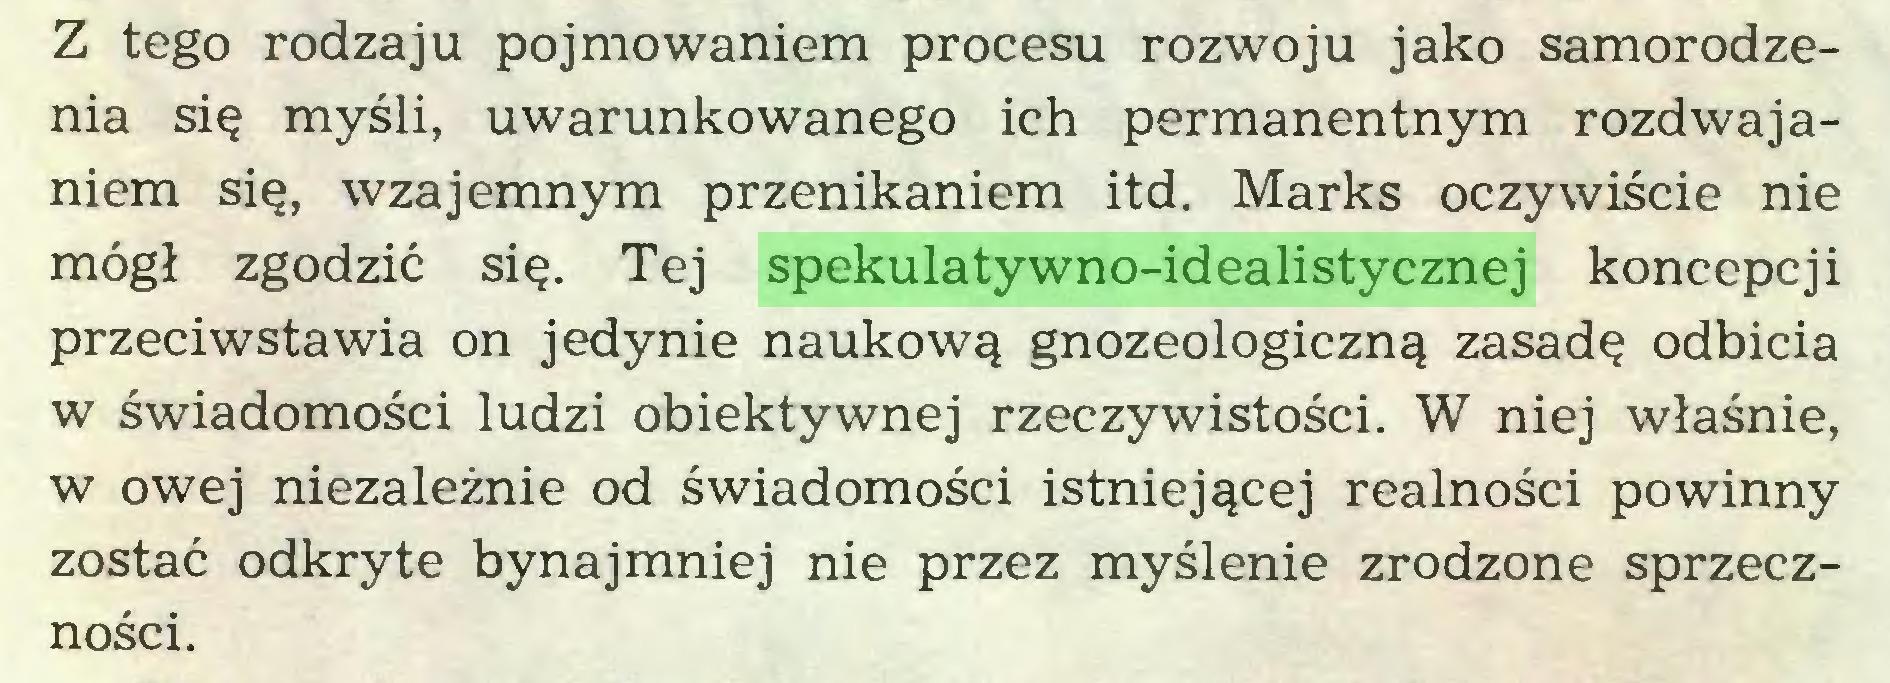 (...) Z tego rodzaju pojmowaniem procesu rozwoju jako samorodzenia się myśli, uwarunkowanego ich permanentnym rozdwajaniem się, wzajemnym przenikaniem itd. Marks oczywiście nie mógł zgodzić się. Tej spekulatywno-idealistycznej koncepcji przeciwstawia on jedynie naukową gnozeologiczną zasadę odbicia w świadomości ludzi obiektywnej rzeczywistości. W niej właśnie, w owej niezależnie od świadomości istniejącej realności powinny zostać odkryte bynajmniej nie przez myślenie zrodzone sprzeczności...